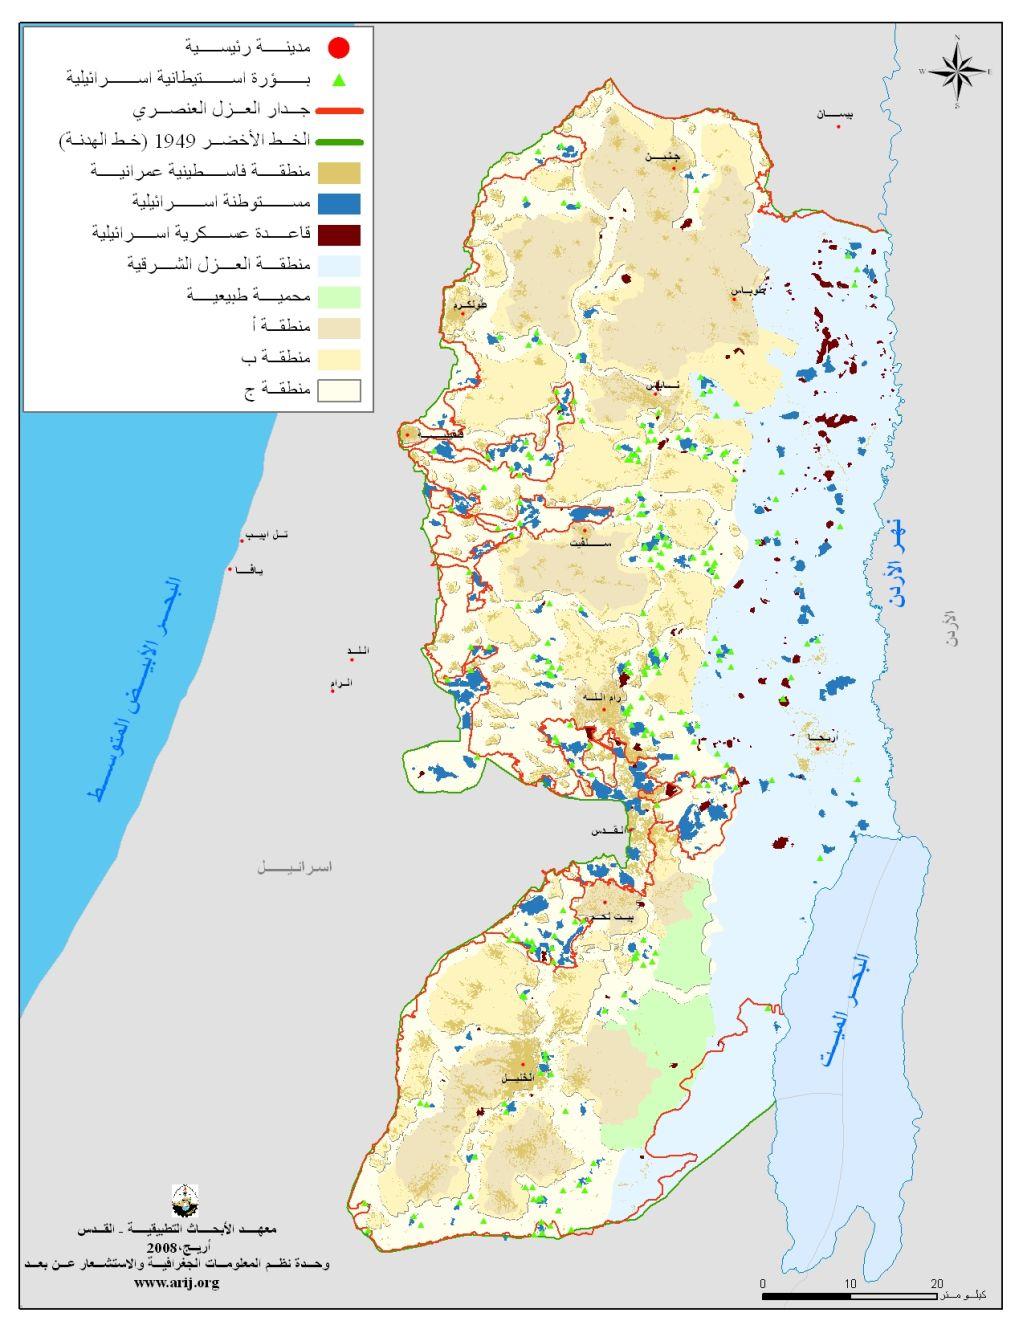 الترانسفير الصامت للفلسطينيين من المنطقة ج